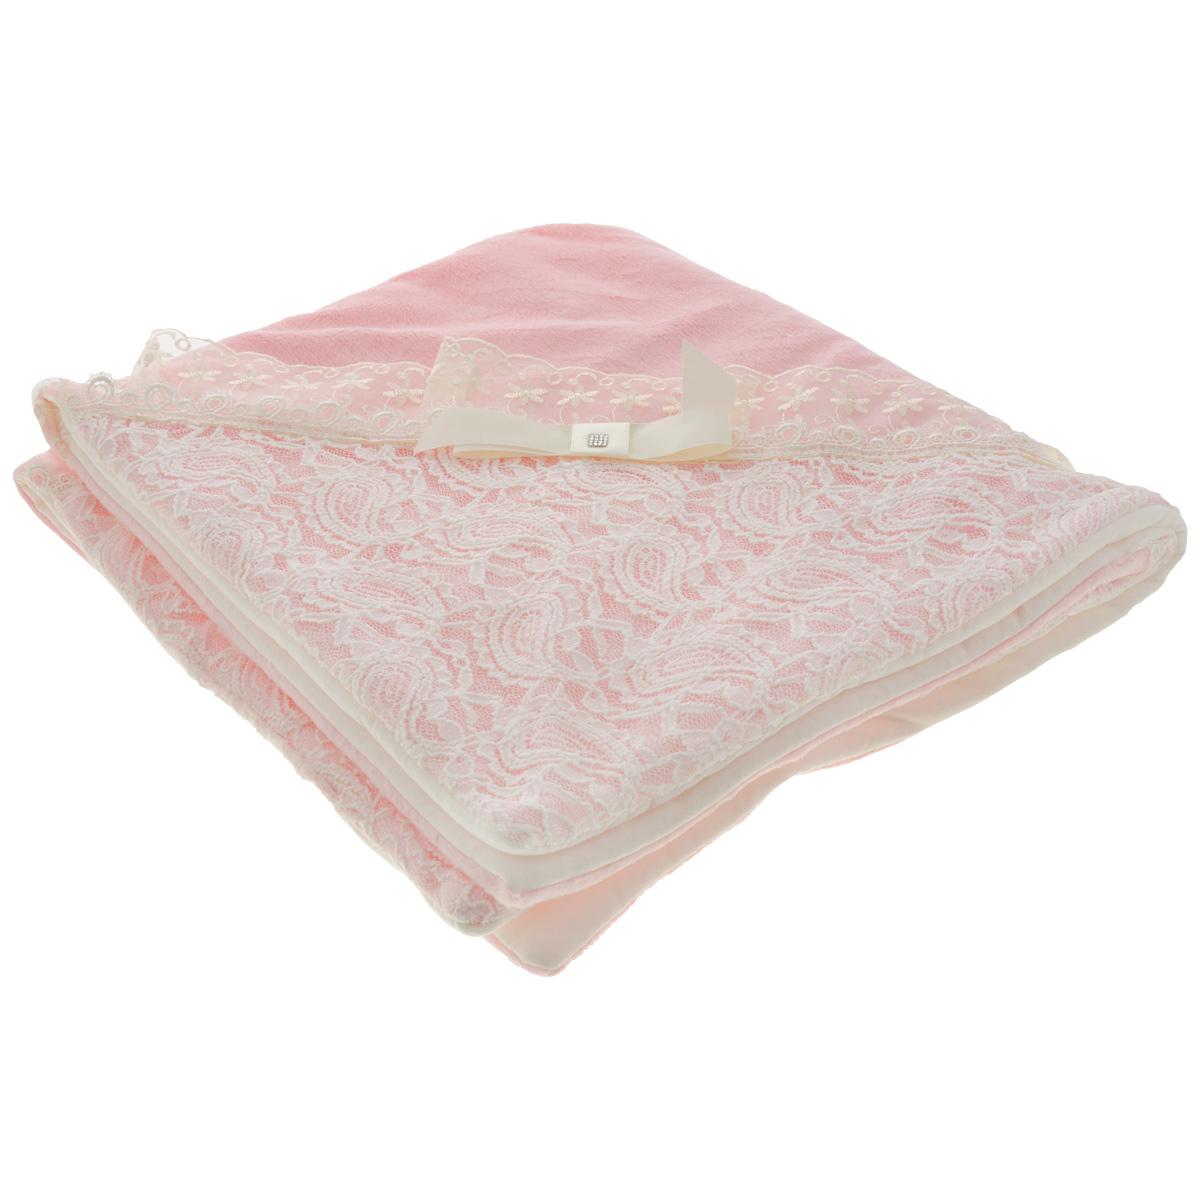 """Плед детский Сонный гномик """"Праздничный"""", цвет: розовый, 77 см х 86 см 1807"""